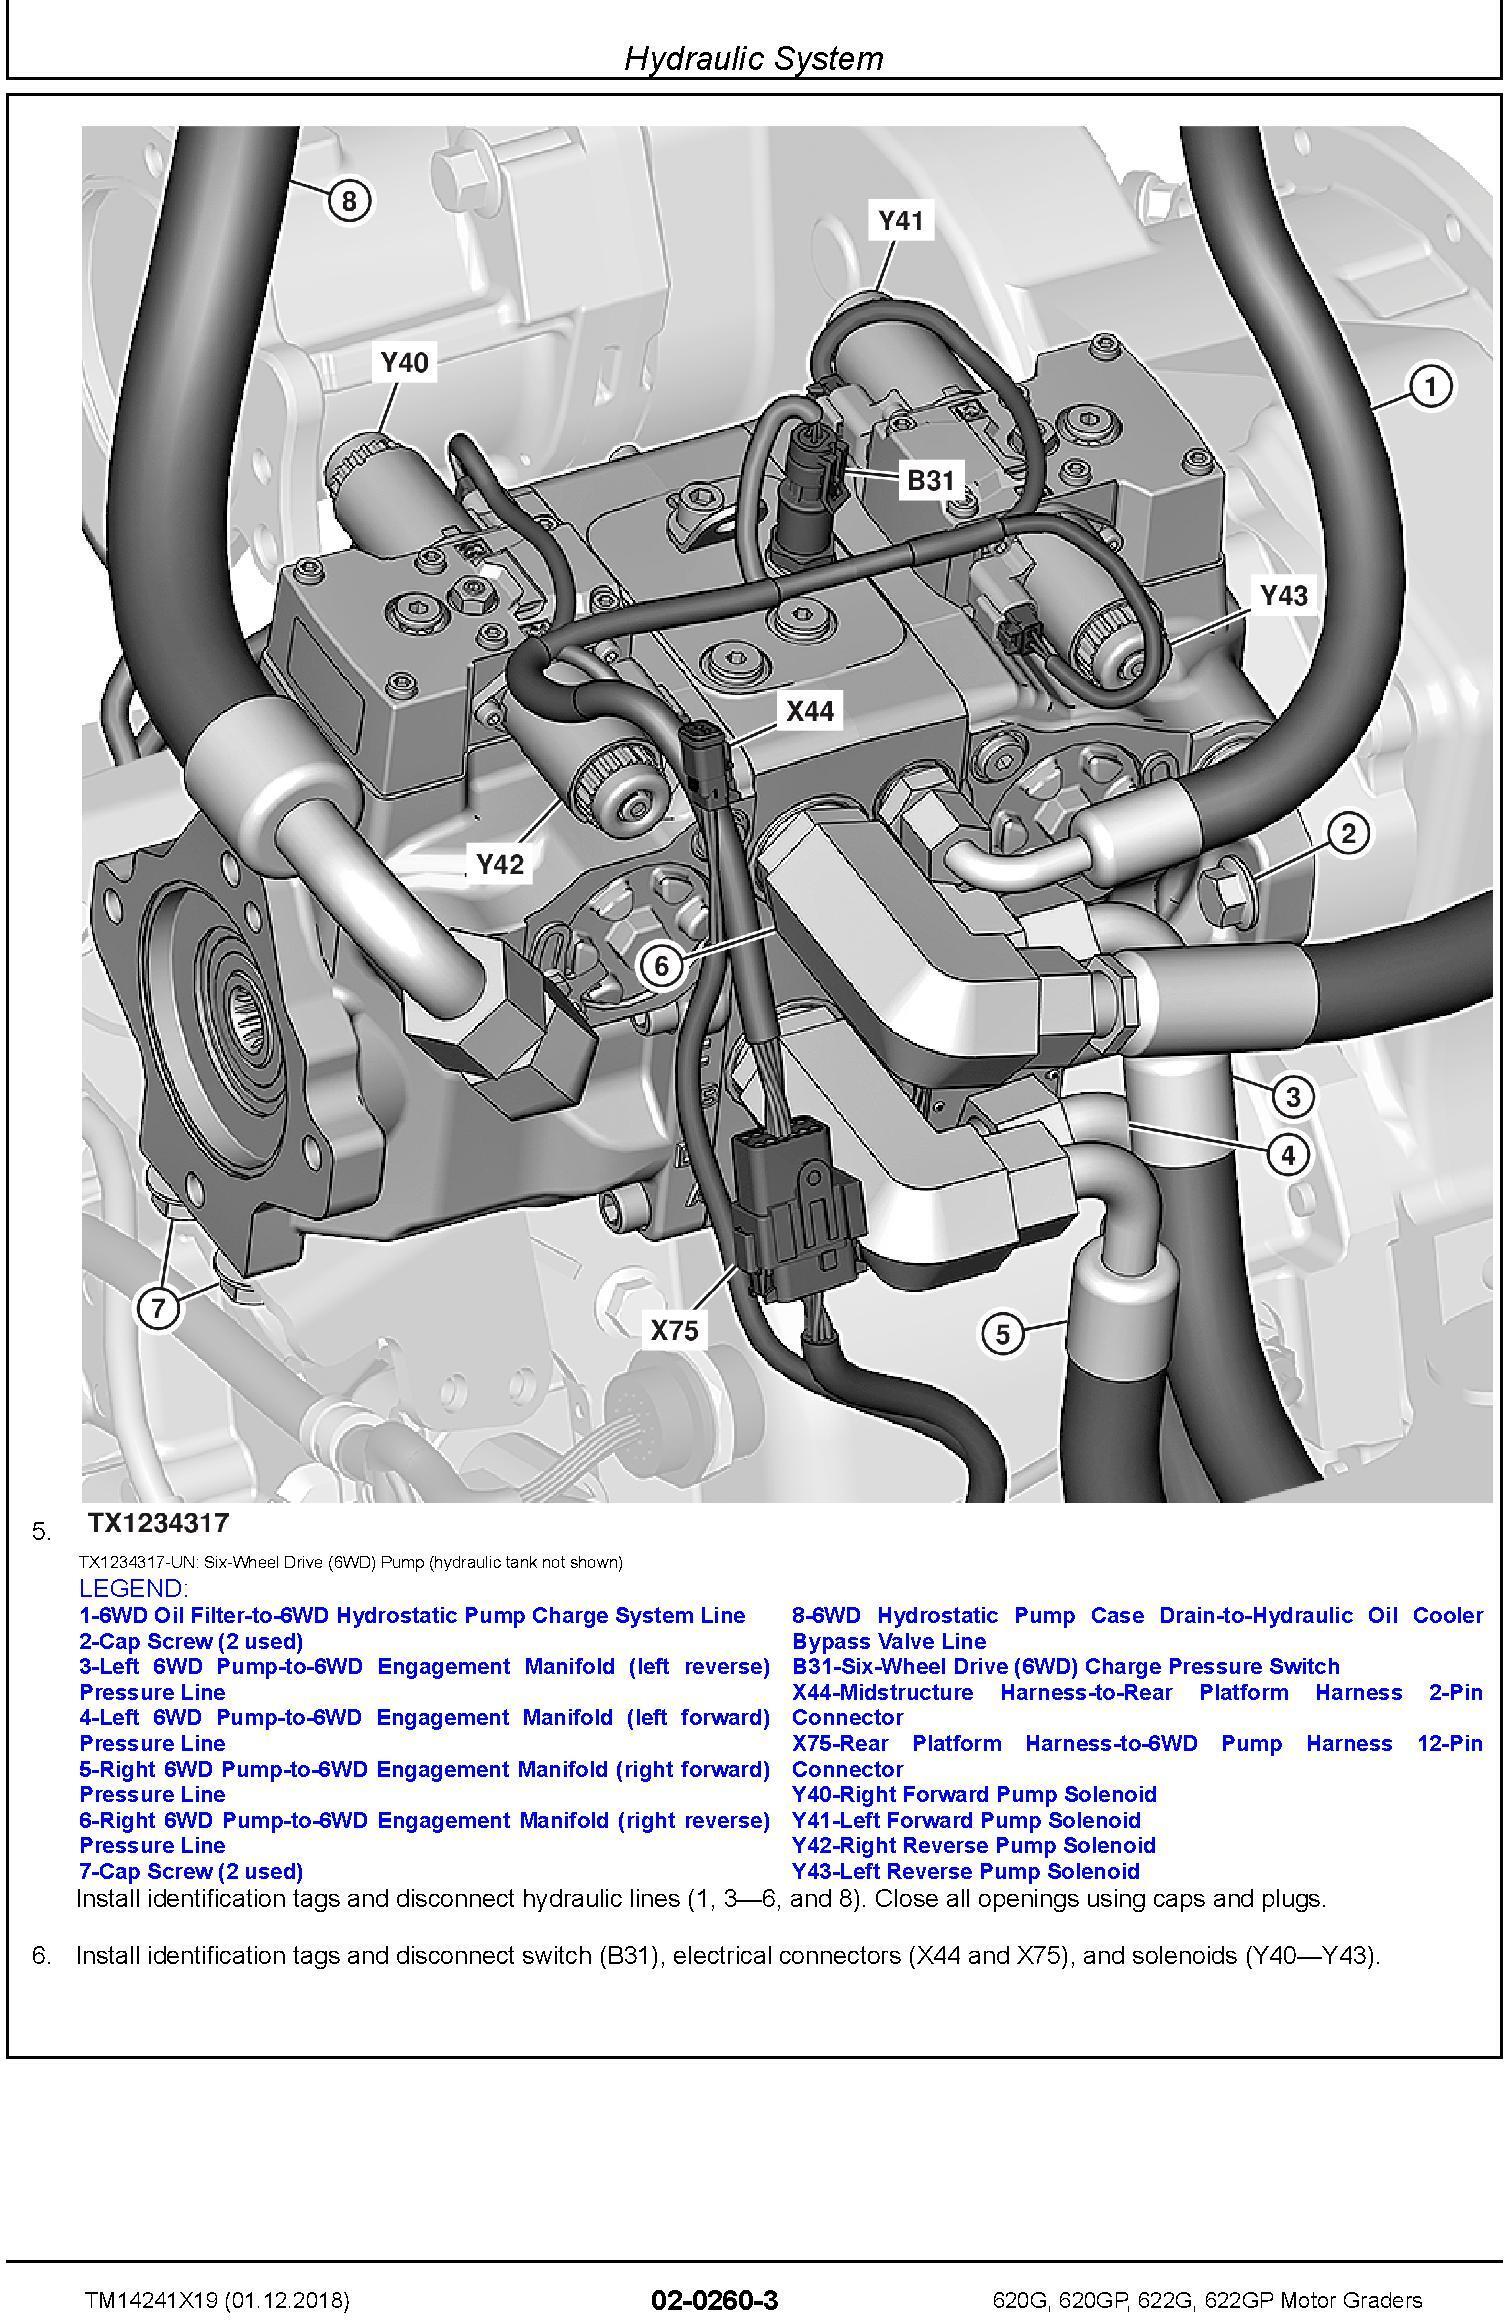 John Deere 620G, 620GP, 622G, 622GP (SN.F680878-,L700954-) Motor Graders Repair Manual (TM14241X19) - 3